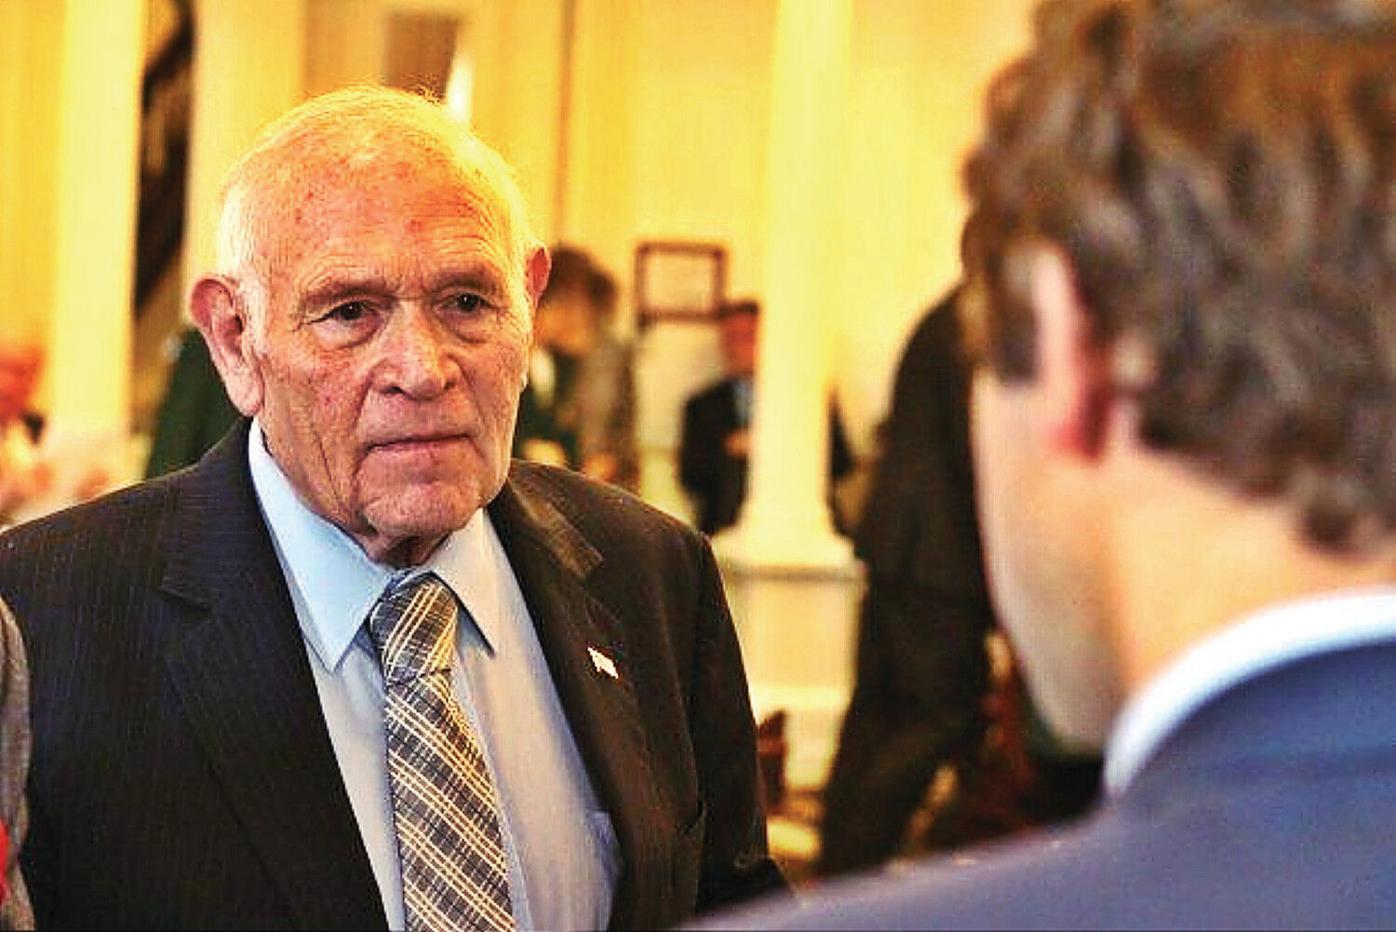 State Senate to hold hearing on gun bills